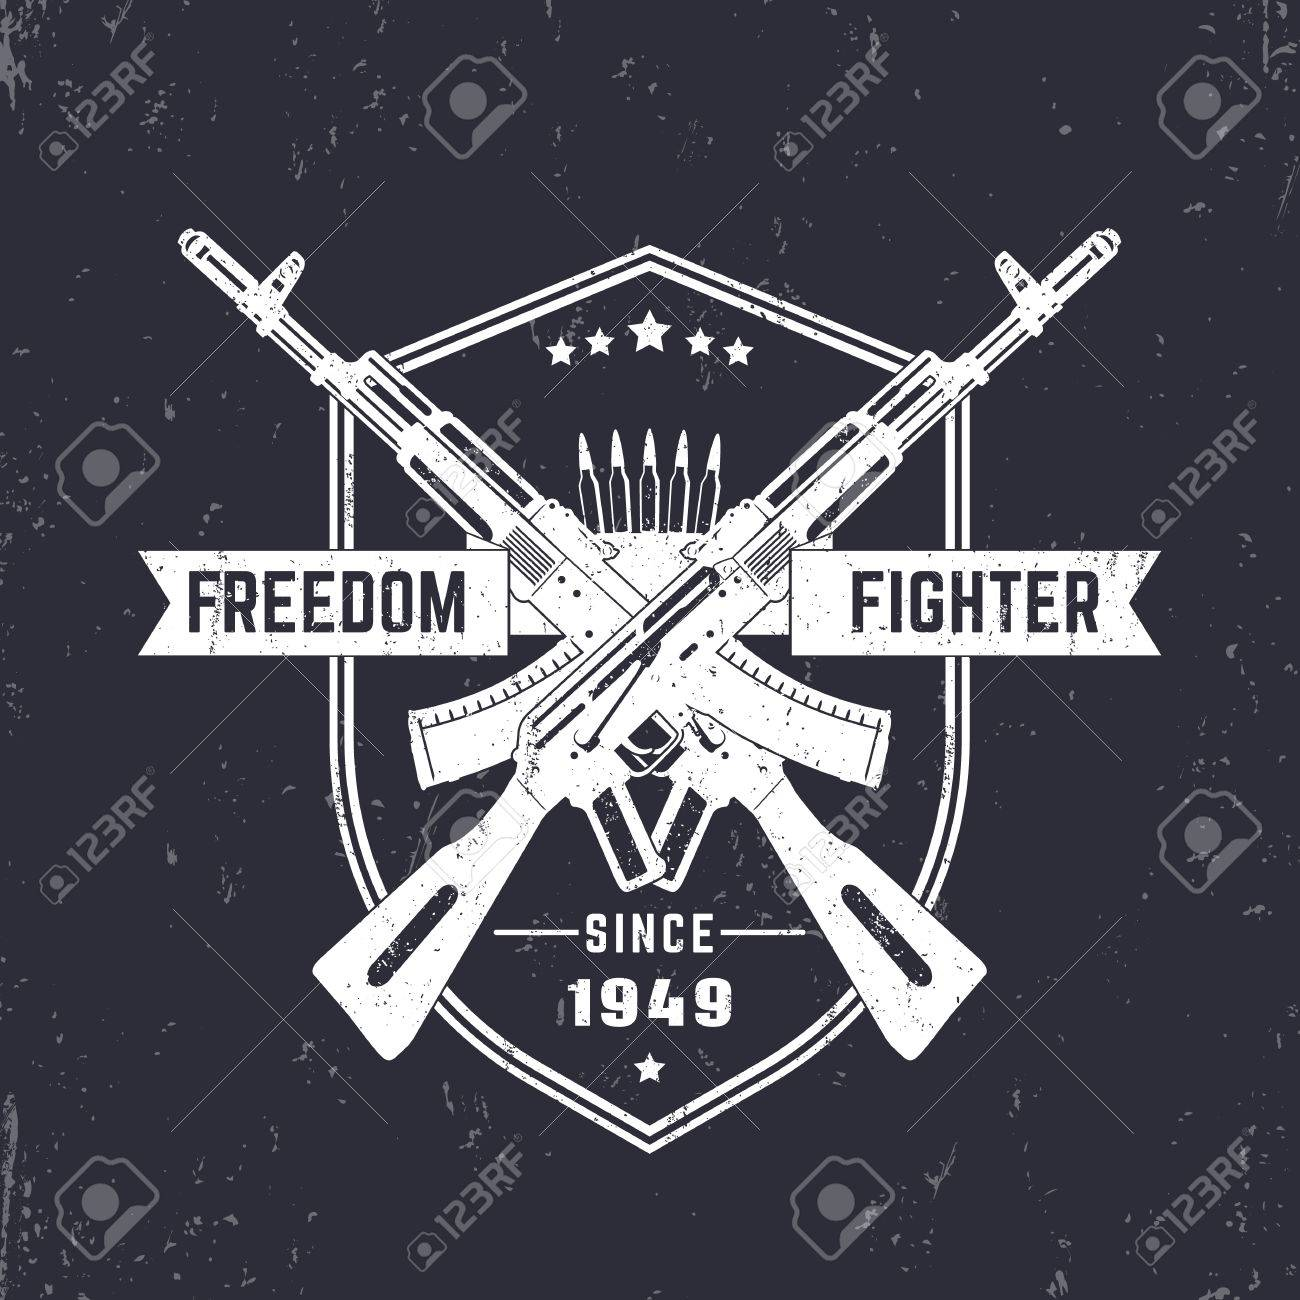 Shirt design vintage - Freedom Fighter Vintage T Shirt Design Print With Crossed Assault Rifles